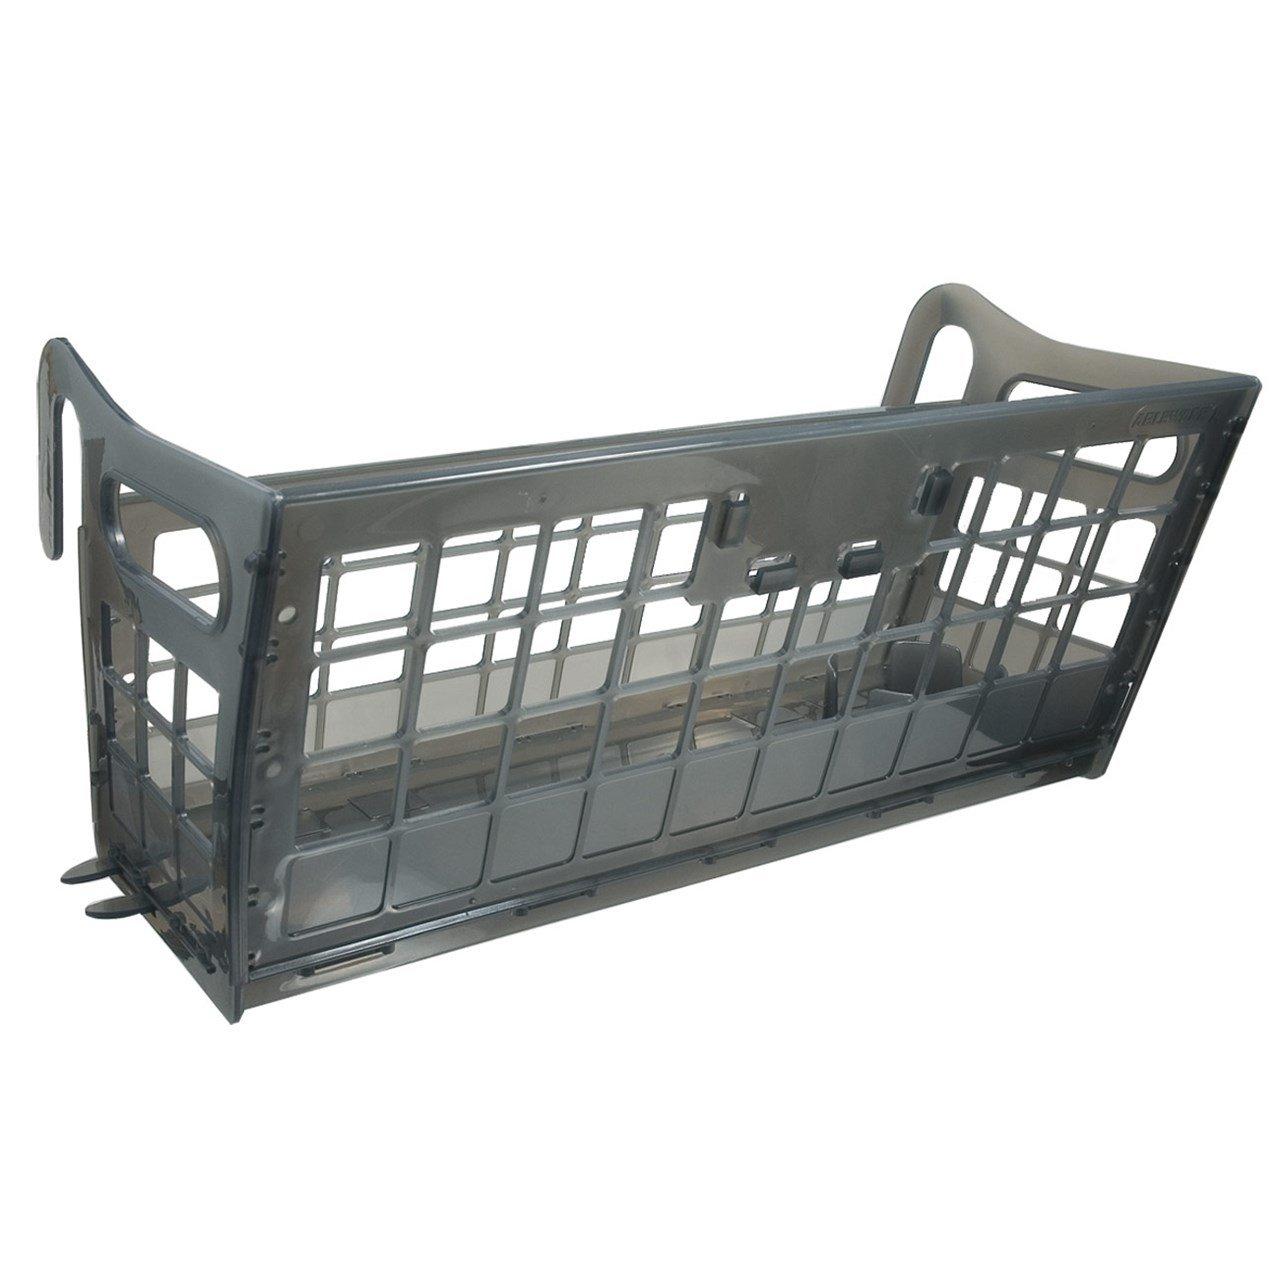 Maddack No-Wire Walker Basket #703170000